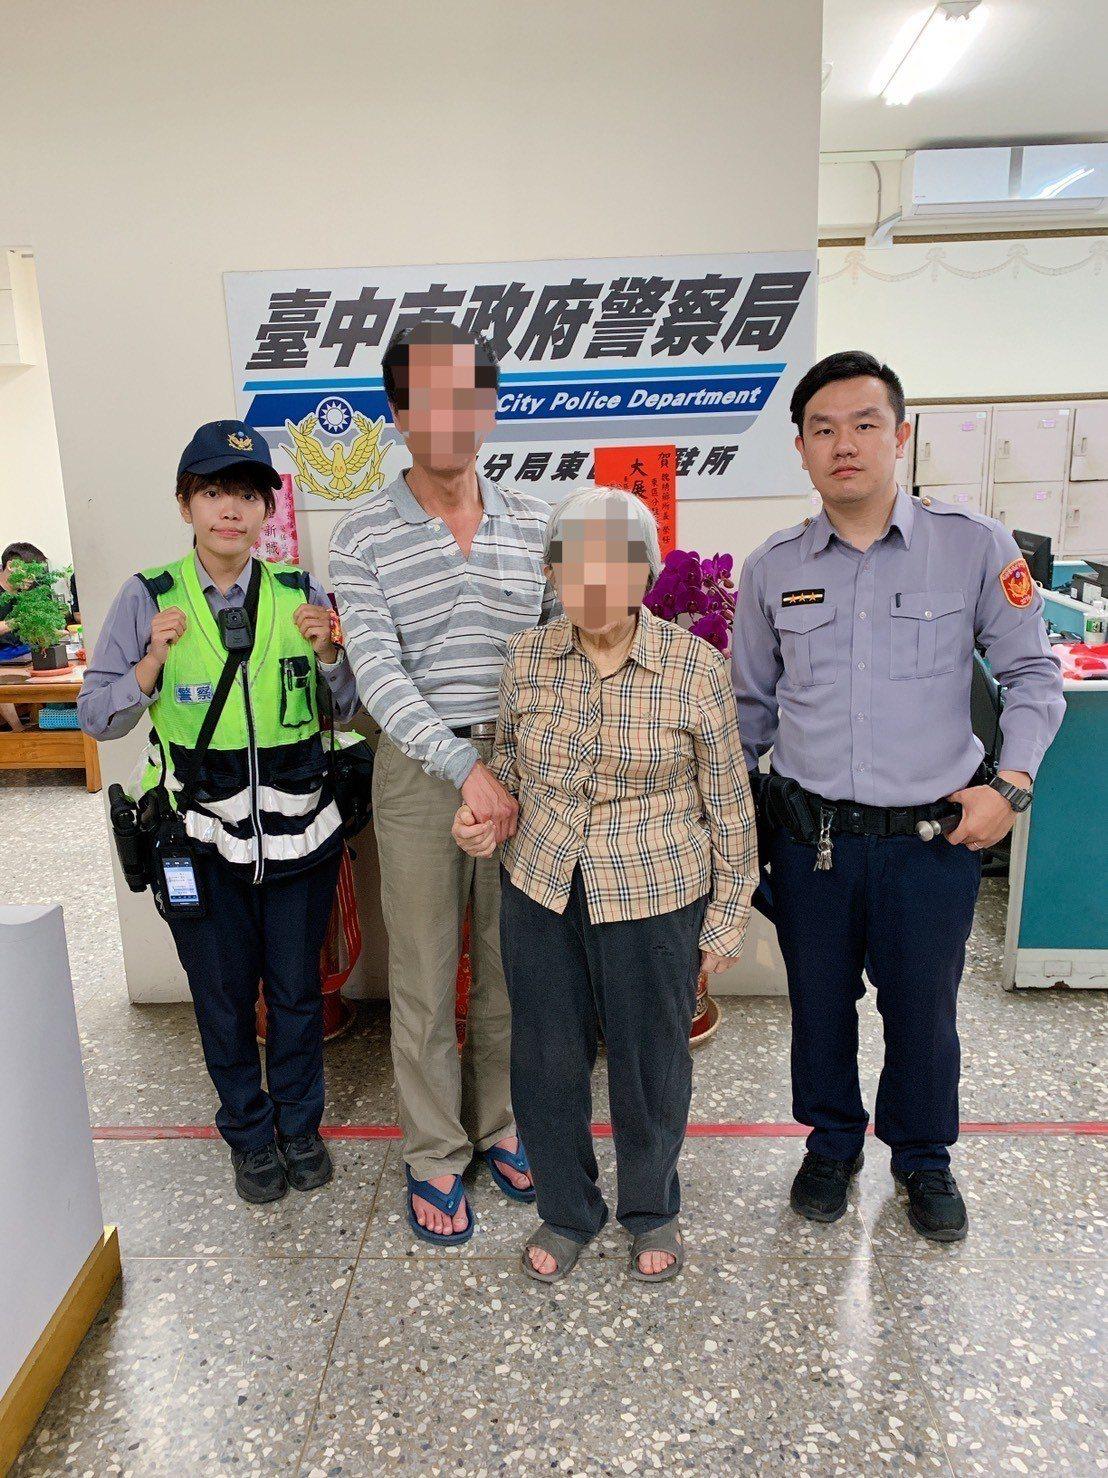 童姓阿嬤(右二)迷途走失7公里,熱心民眾報案,經警方聯繫上家屬,將疲憊不堪的童嬤...